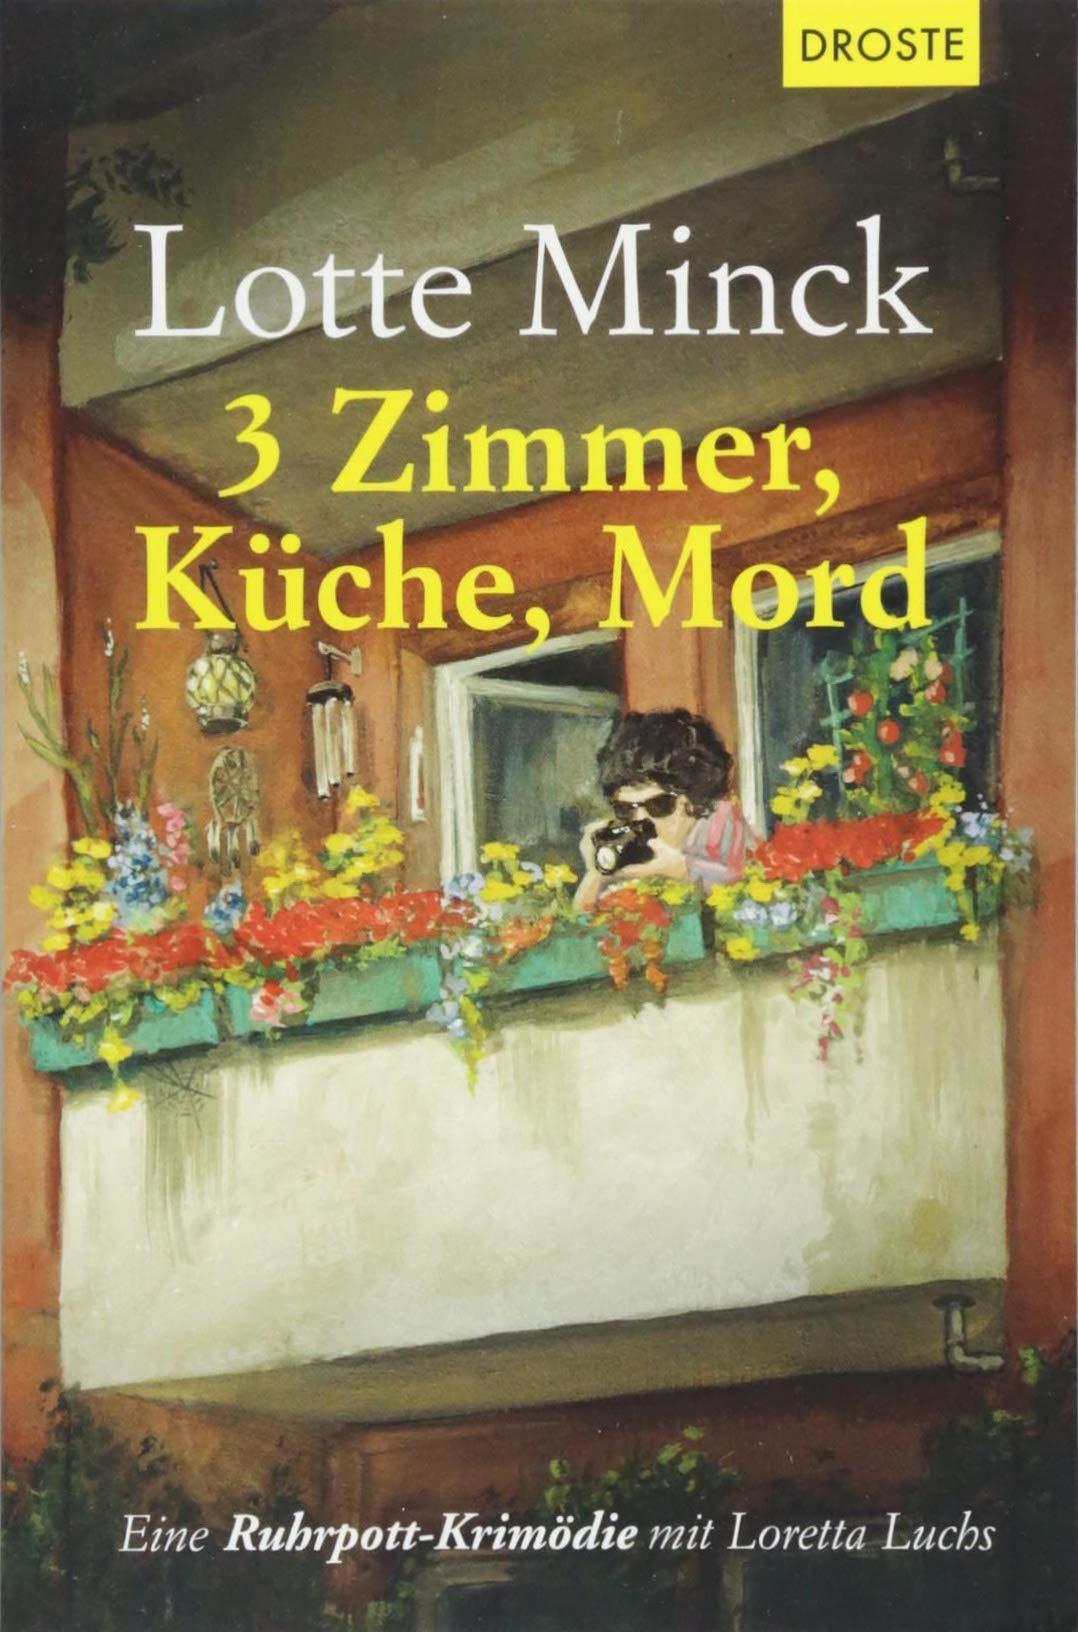 3 Zimmer, Küche, Mord: Eine Ruhrpott-Krimödie mit Loretta Luchs Taschenbuch – 12. September 2018 Lotte Minck Küche Droste Verlag 3770020197